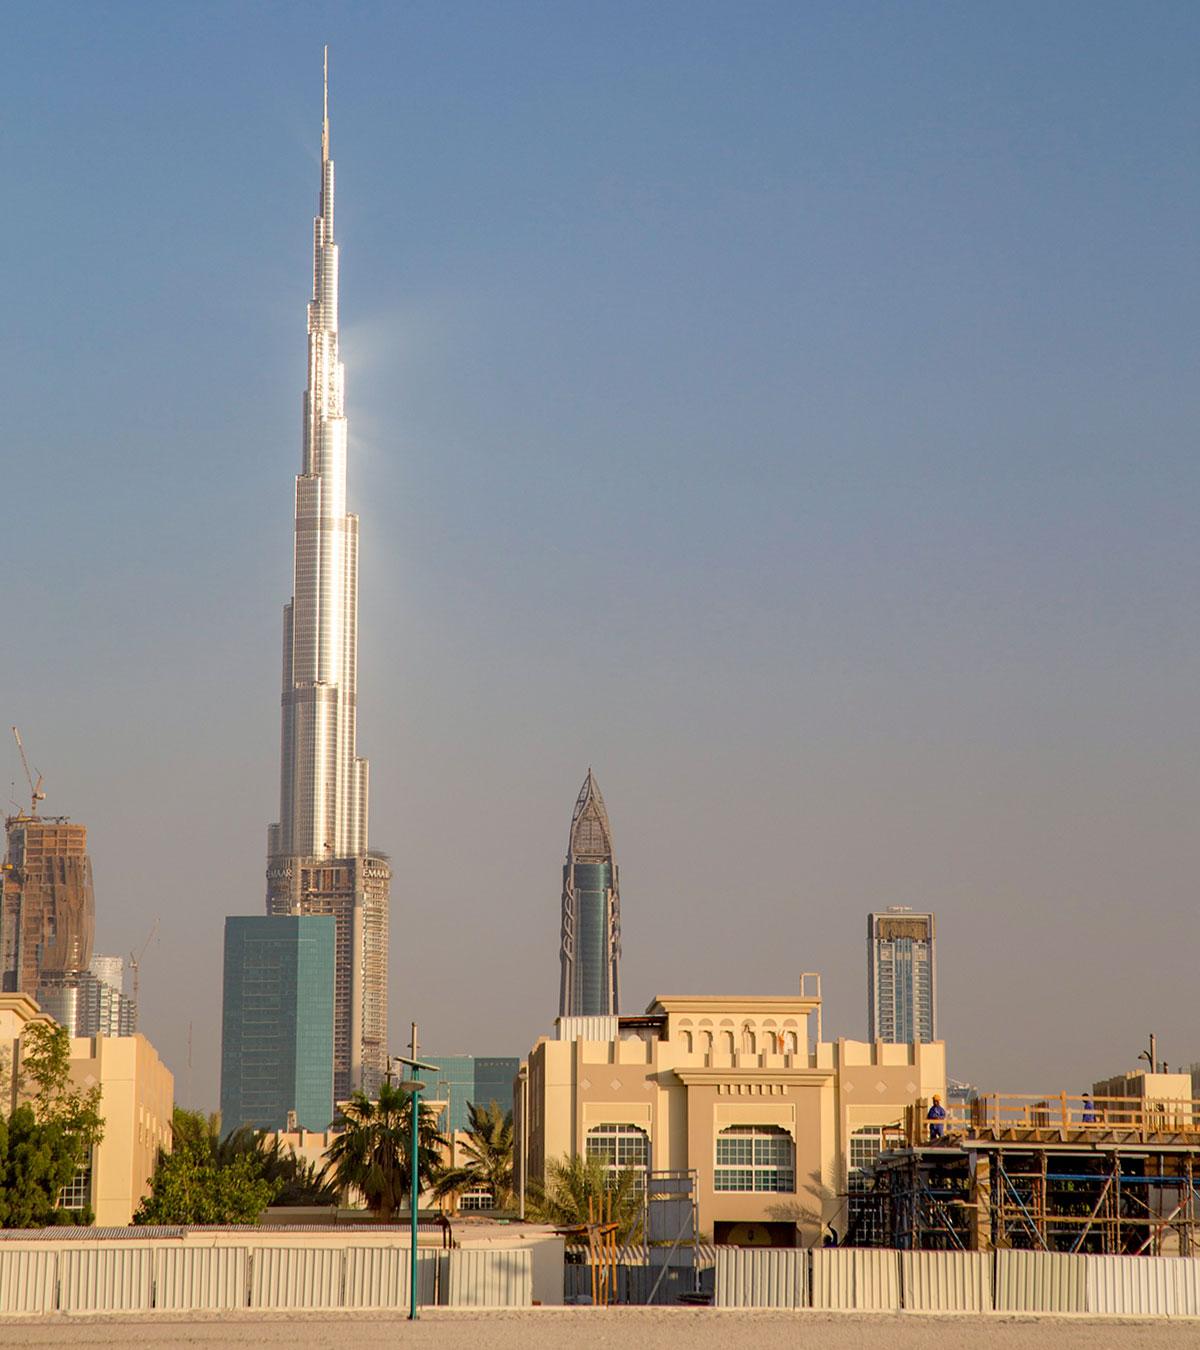 Издали слегка напоминающий коленчатый вал, небоскреб Бурдж Халифа в Дубае сооружался таким сознательно, чтобы снизить ветровое воздействие.